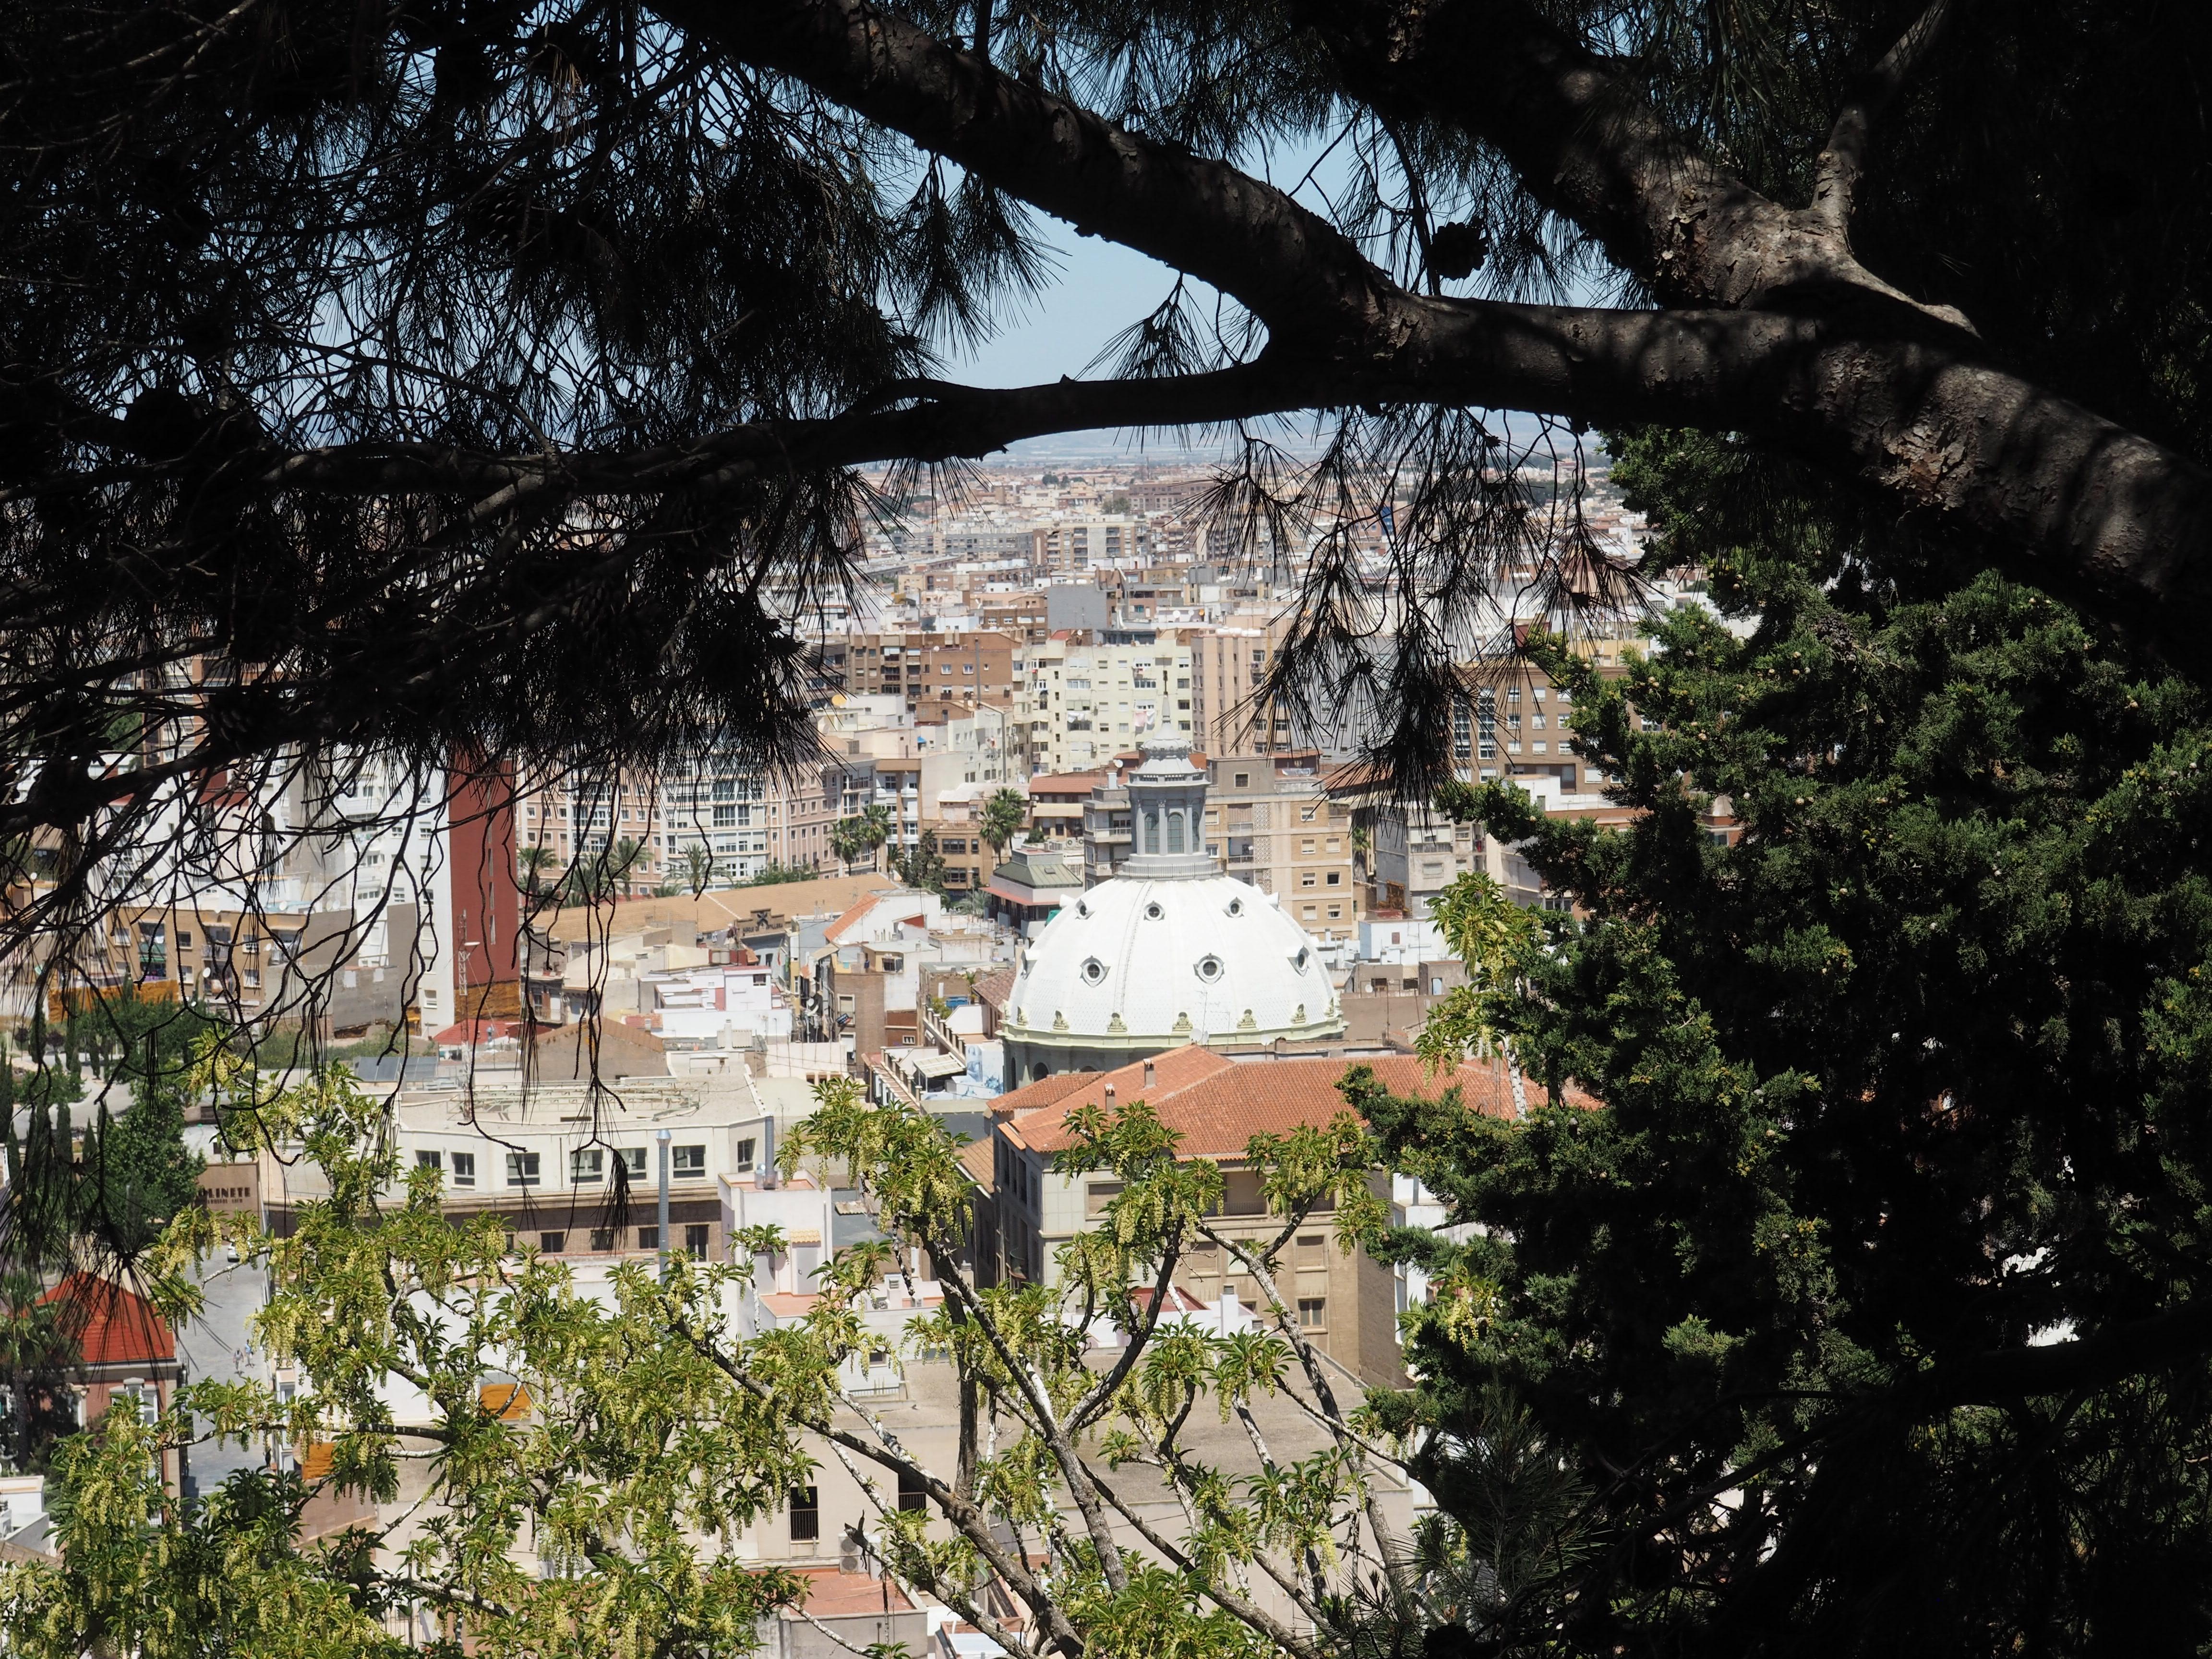 Cartagena in Spanien an einem Tag entdecken